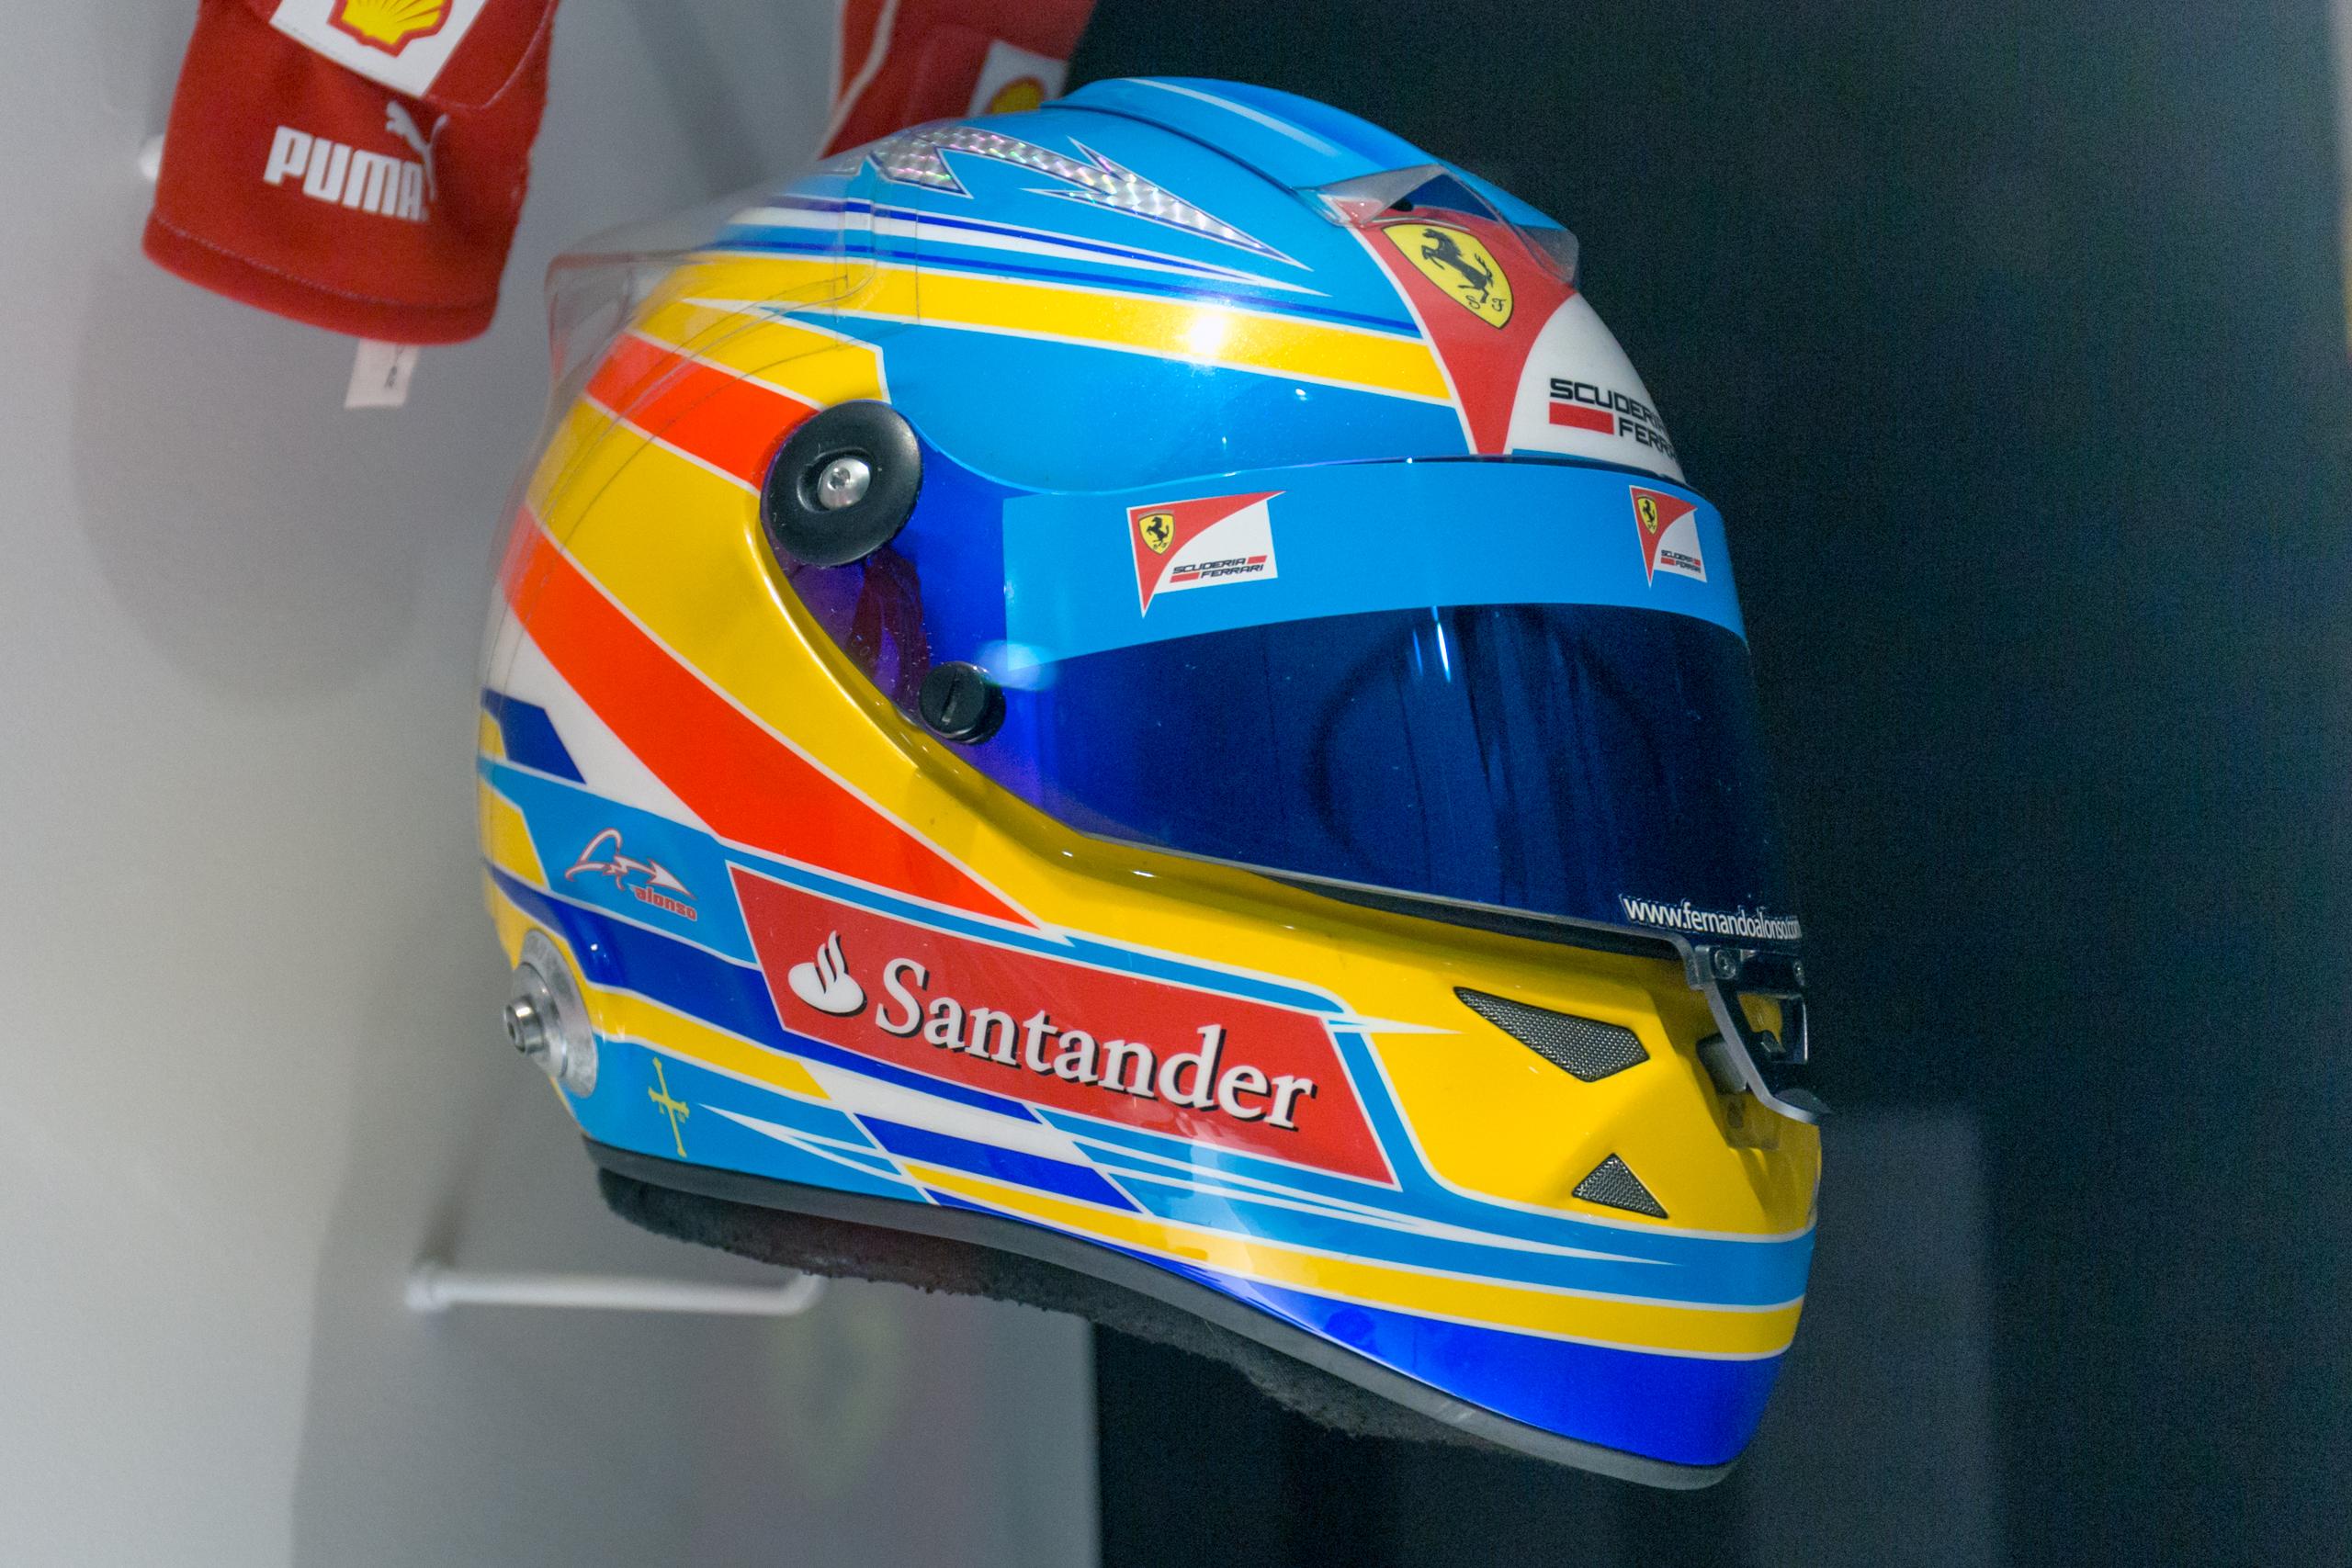 Museo Y Circuito Fernando Alonso : File fernando alonso helmet museo fernando alonso g